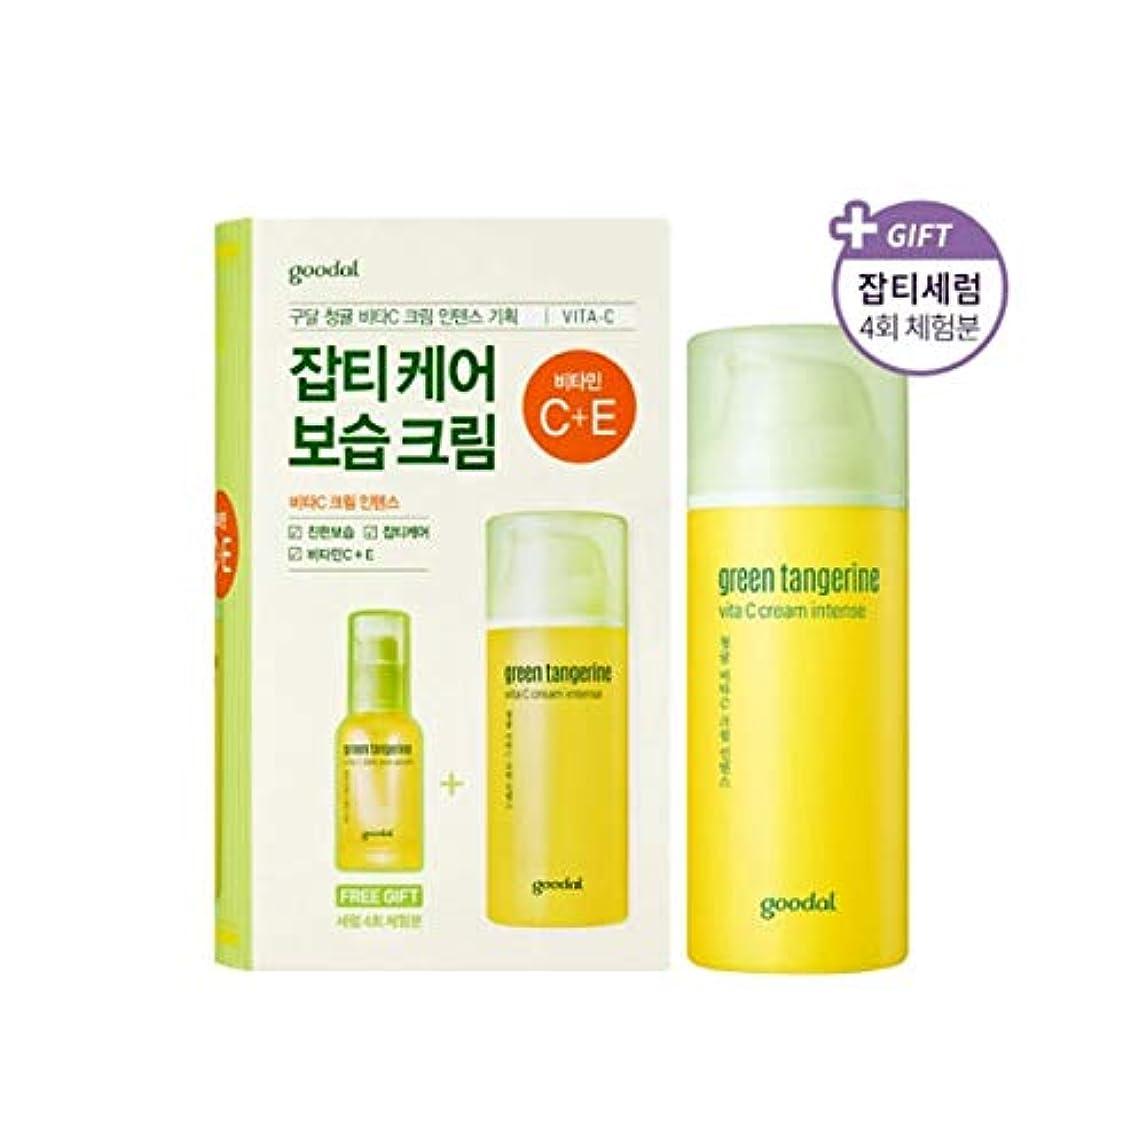 すべき息子レイア[Goodal] Green Tangerine Vita C cream Intense 50ml /グリーンタンジェリンビタCクリームインテンス50ml [並行輸入品]